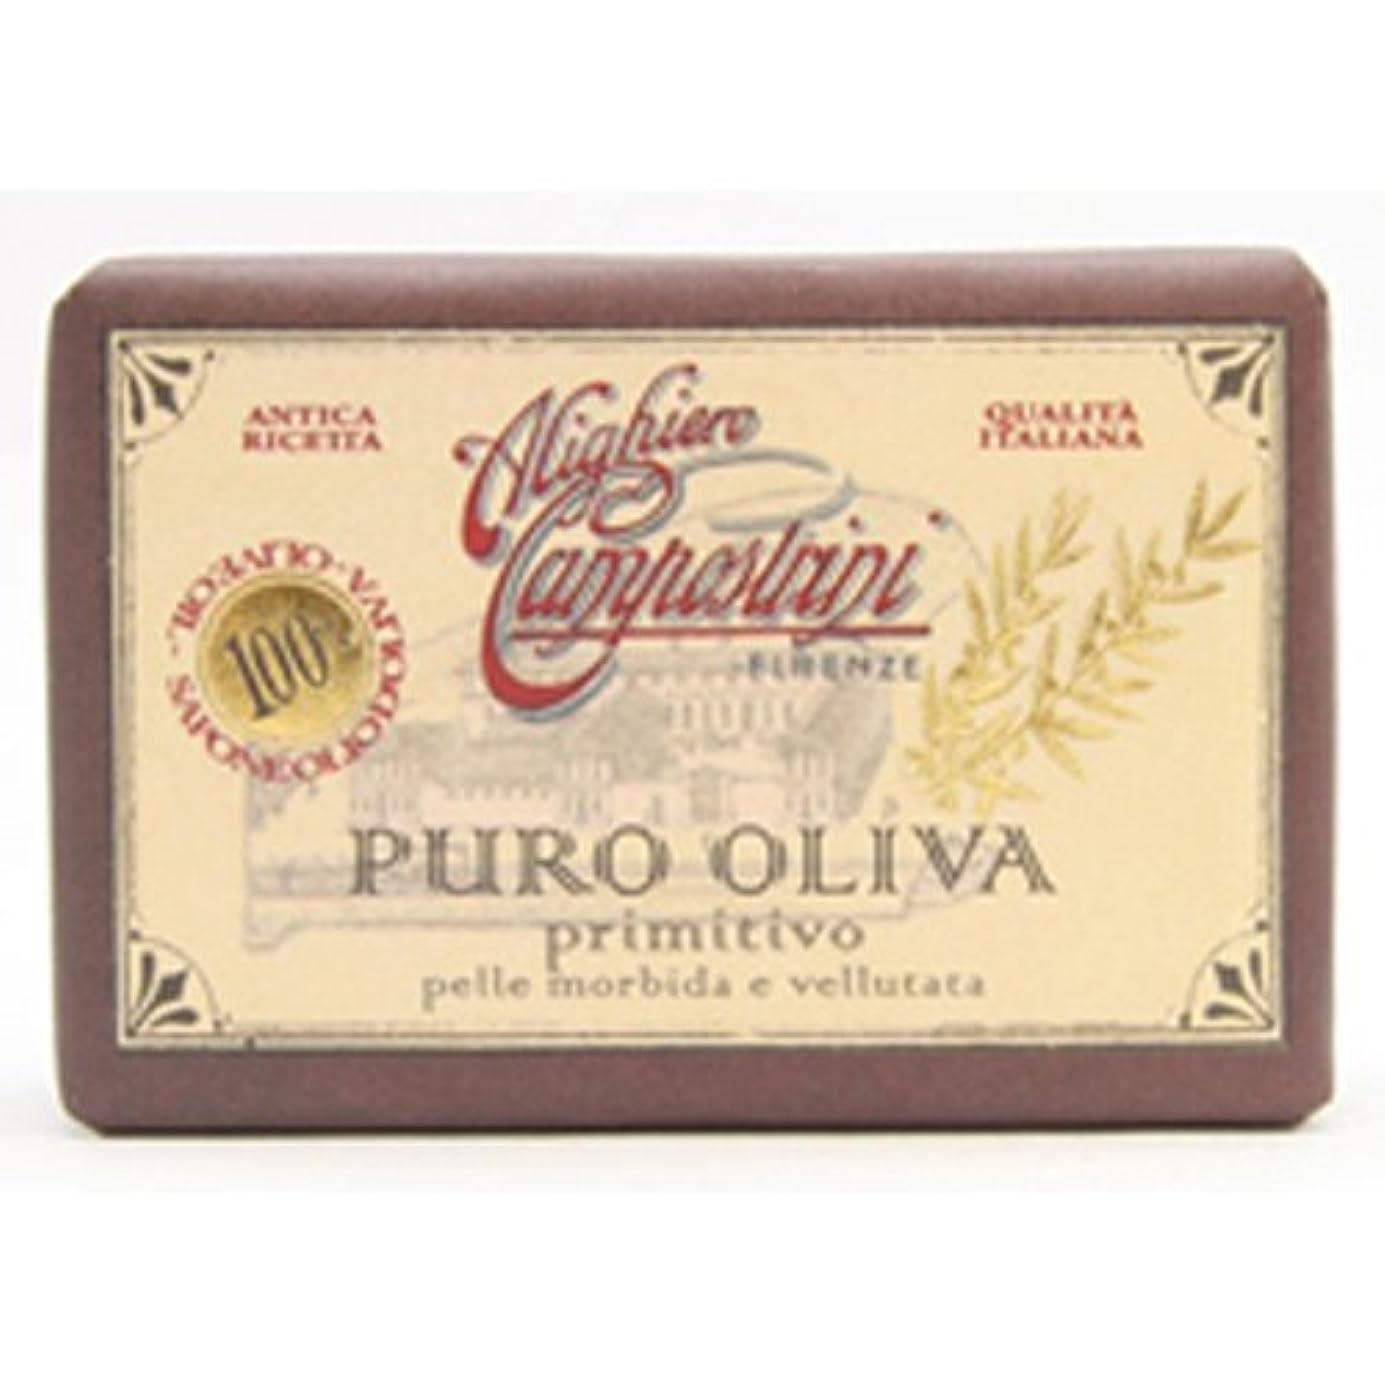 ブランド名安心させる必要条件Saponerire Fissi サポネリーフィッシー PURO OLIVA Soap オリーブオイル ピュロ ソープ primitivo オリジナル 150g